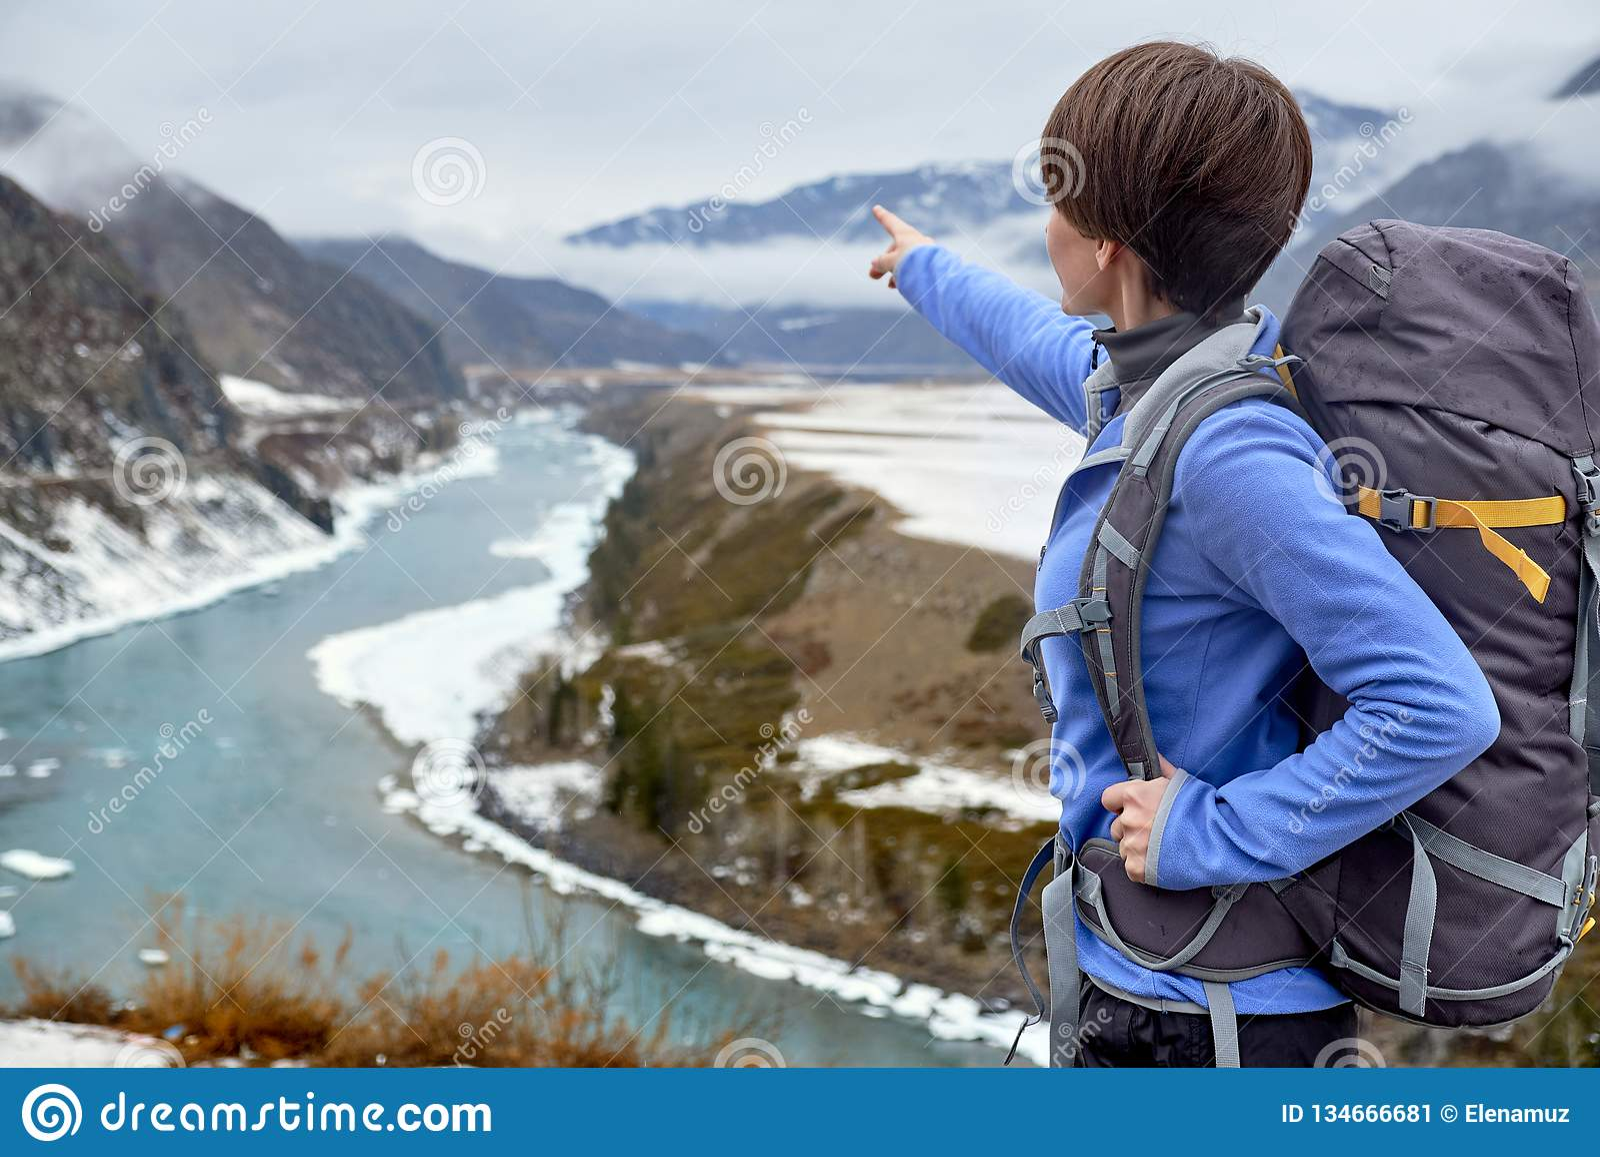 Wandern der lächelnden Frau mit einem Rucksack in den Bergen Schönes junges Mädchen reist in die Berge